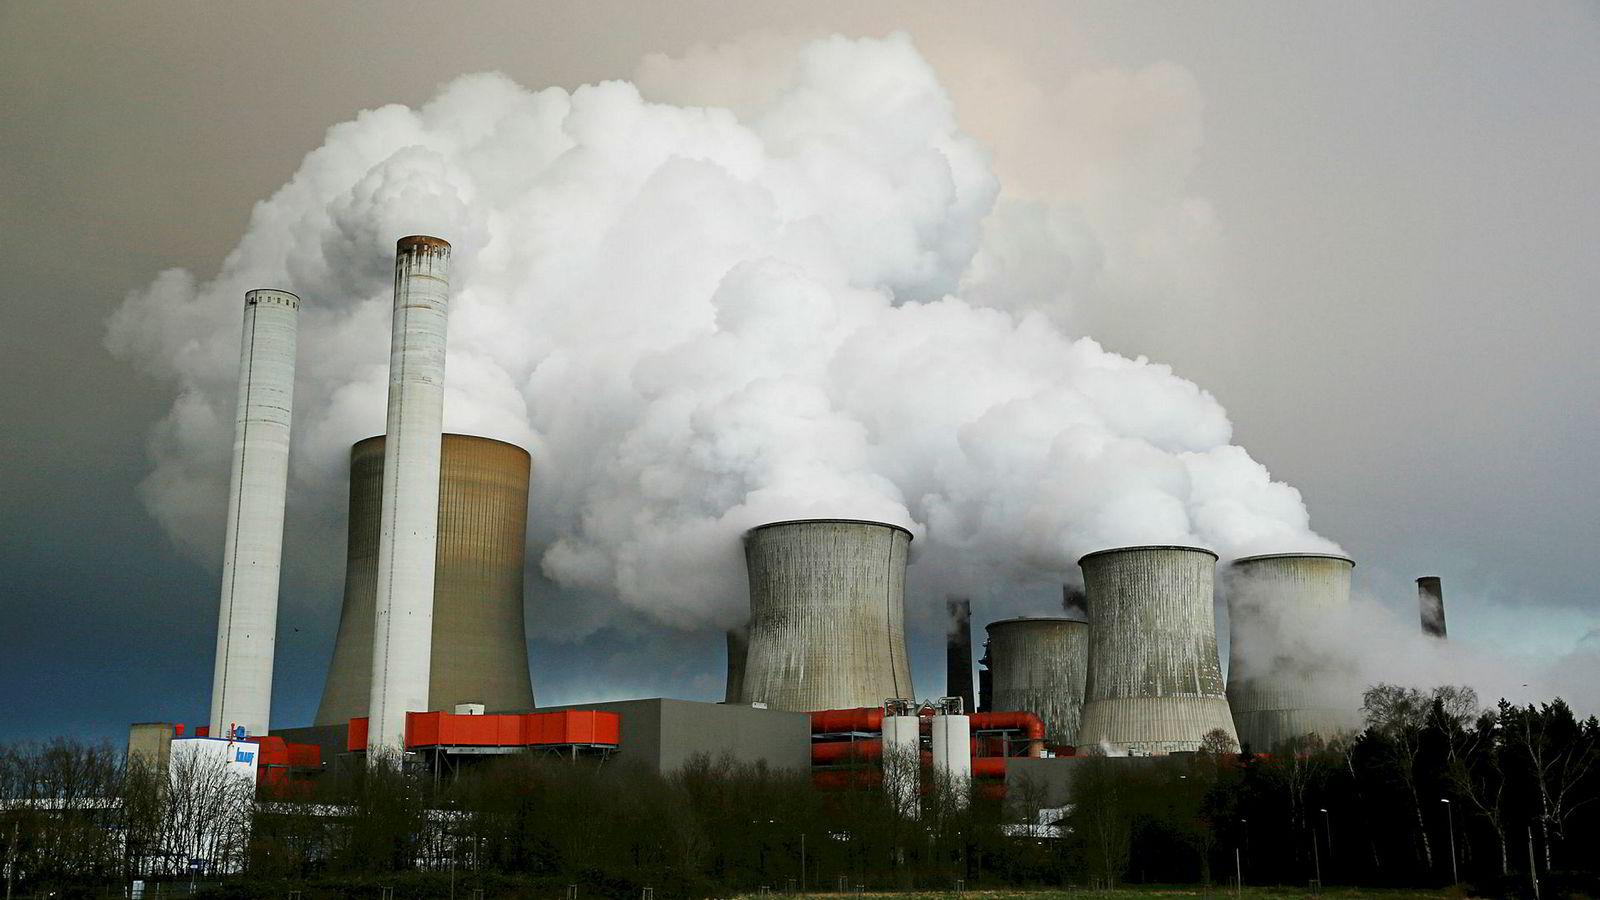 Dersom vi skal nå de globale klimamålene, må resten av verden følge Norges eksempel. Det tar lang tid å bytte ut bilparken. Vi kan ikke vente til kullkraftverkene er faset ut. Her kullkraftverket RWE i Köln, Tyskland som er et av Europas største.